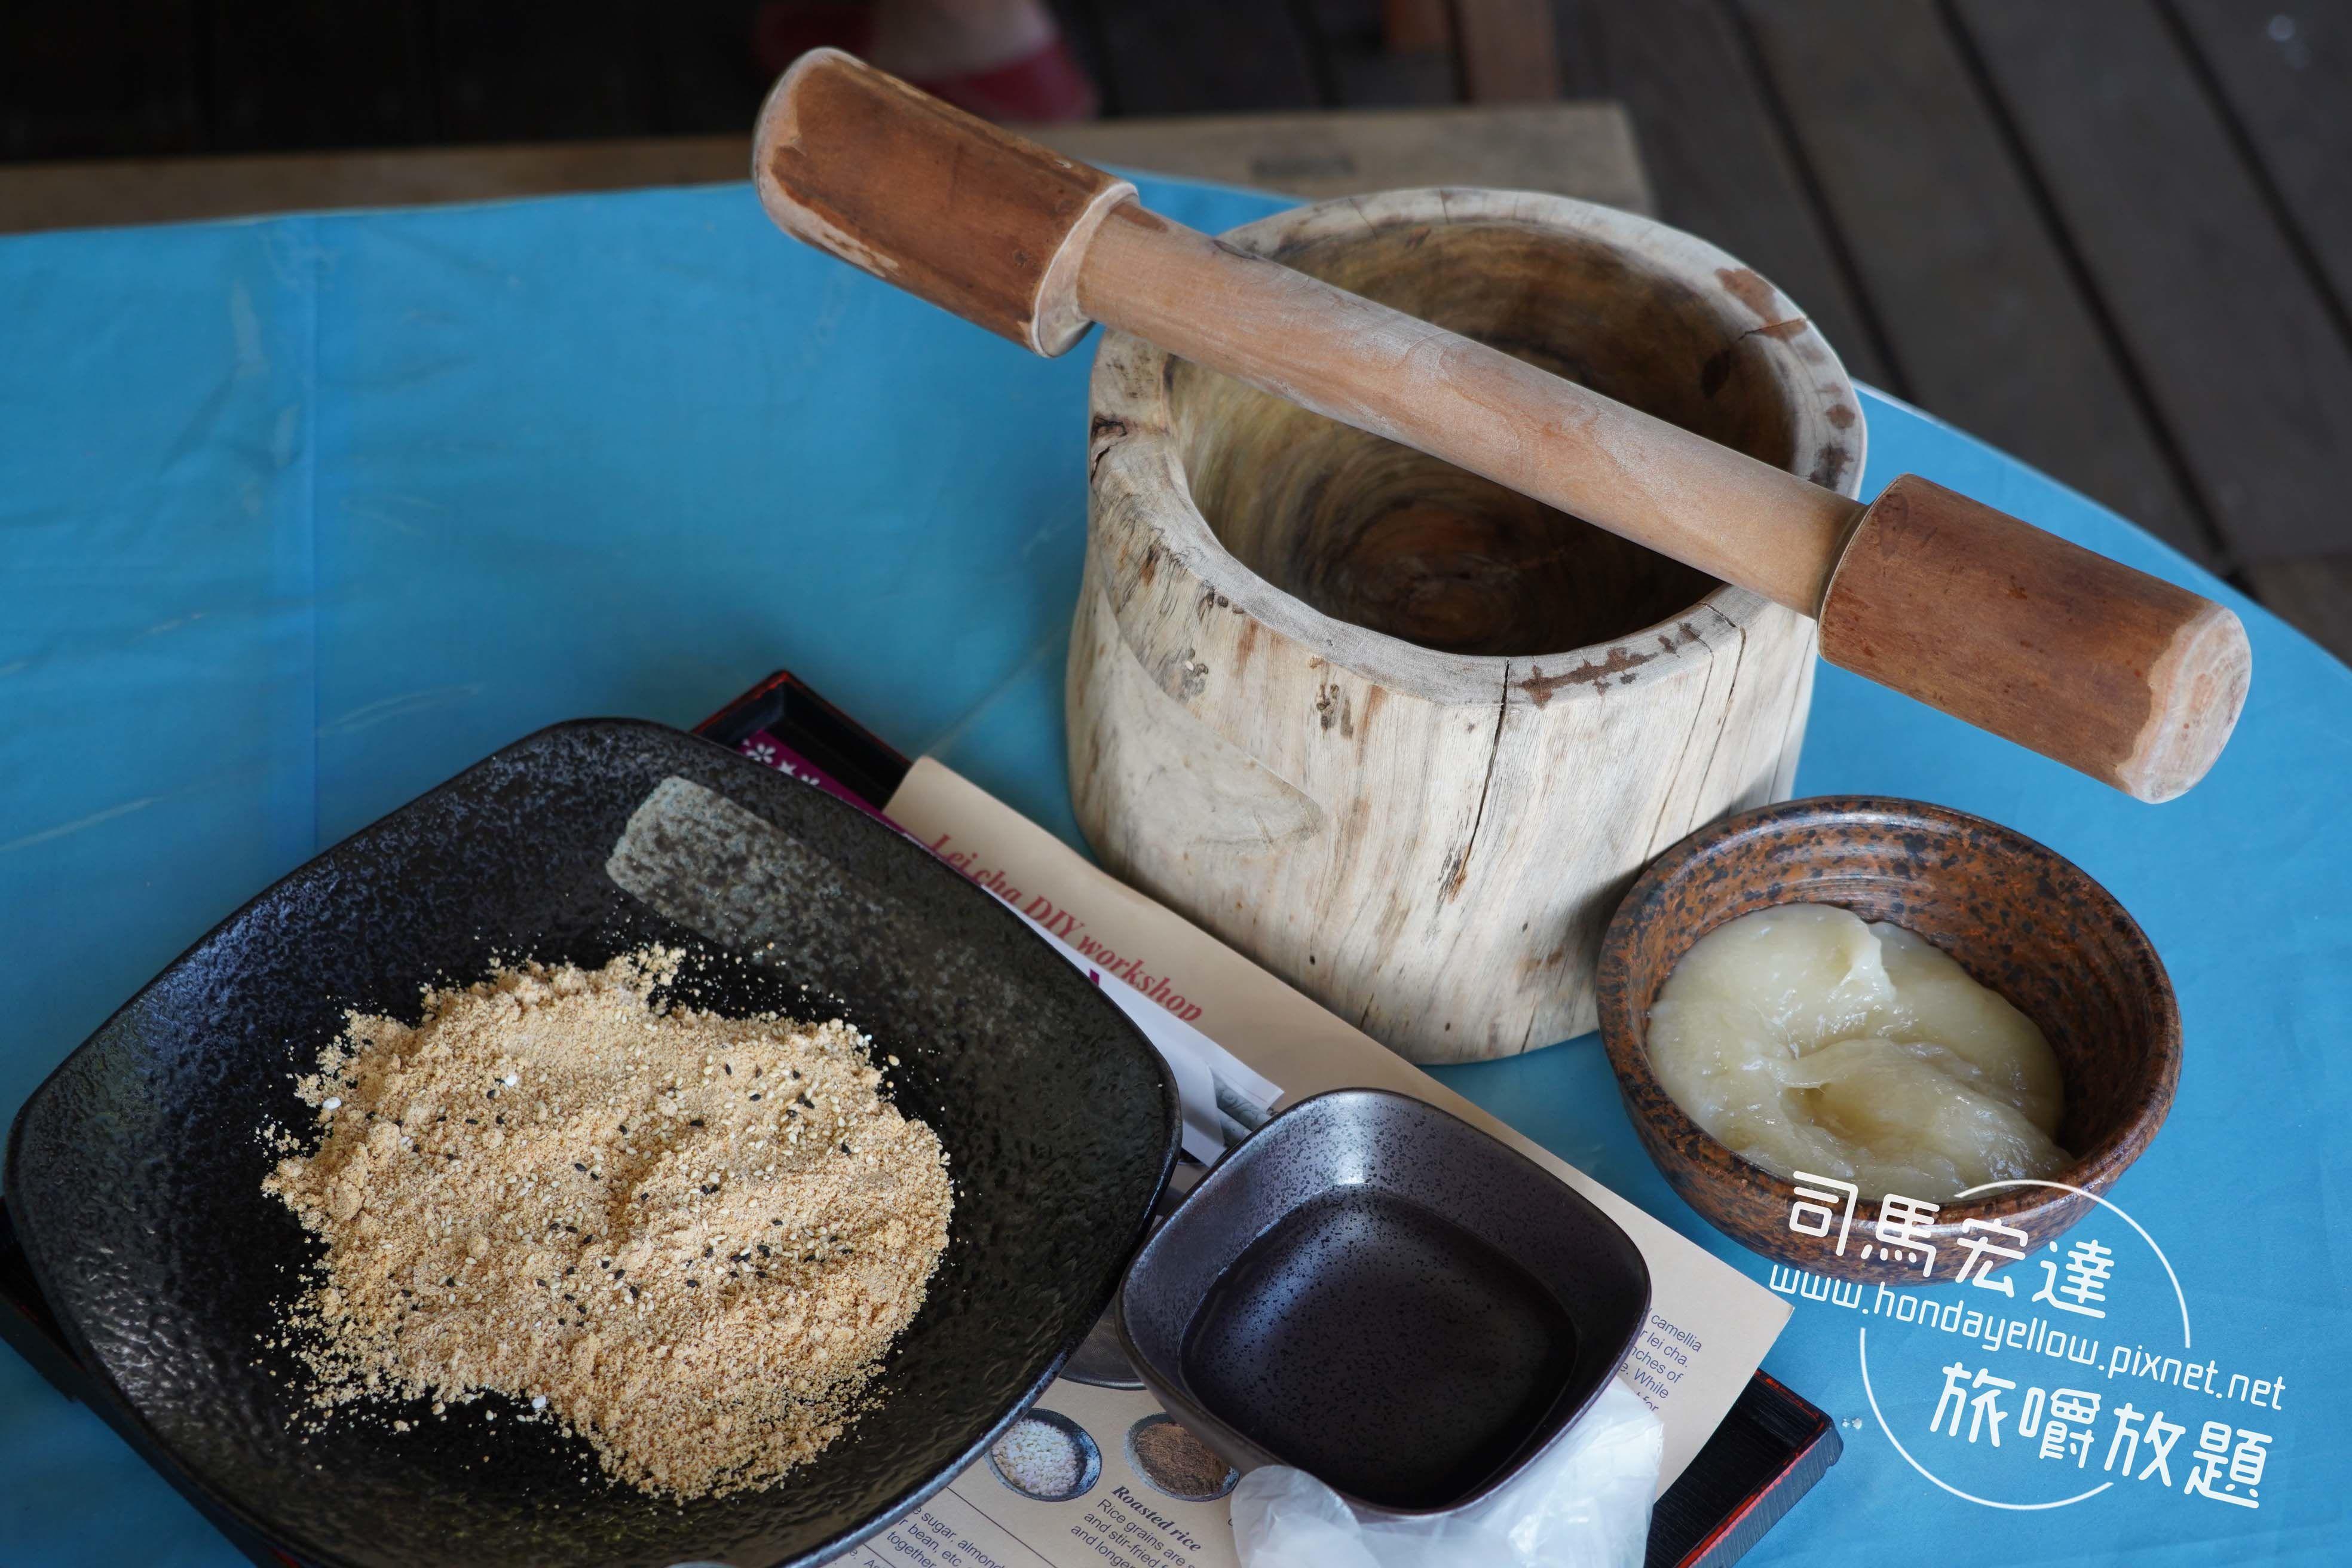 十六份人文茶館-擣麻糬體驗1.jpg